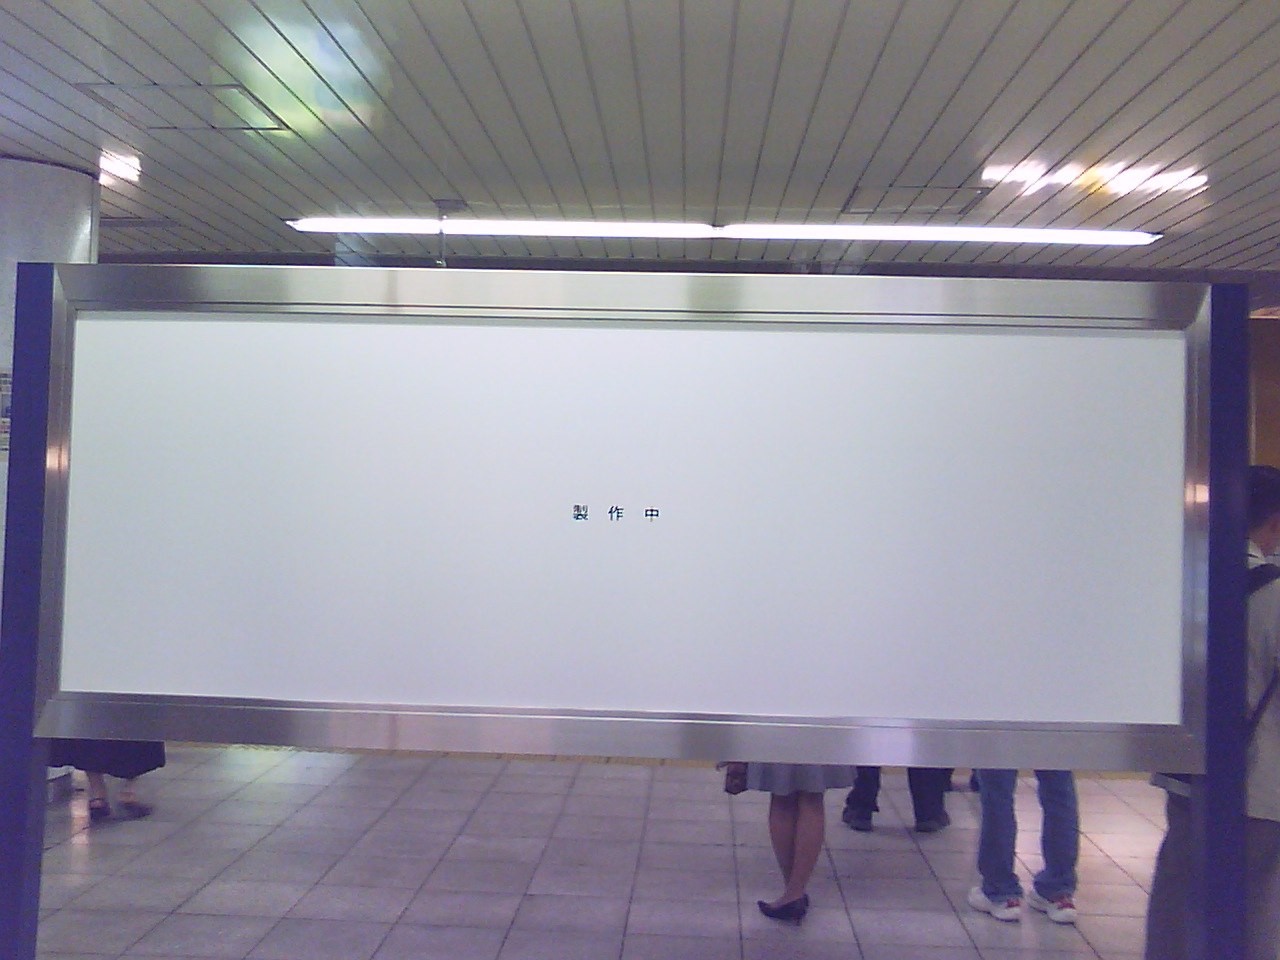 [写真] 駅シリーズ 期待しないでね_b0003577_0325529.jpg